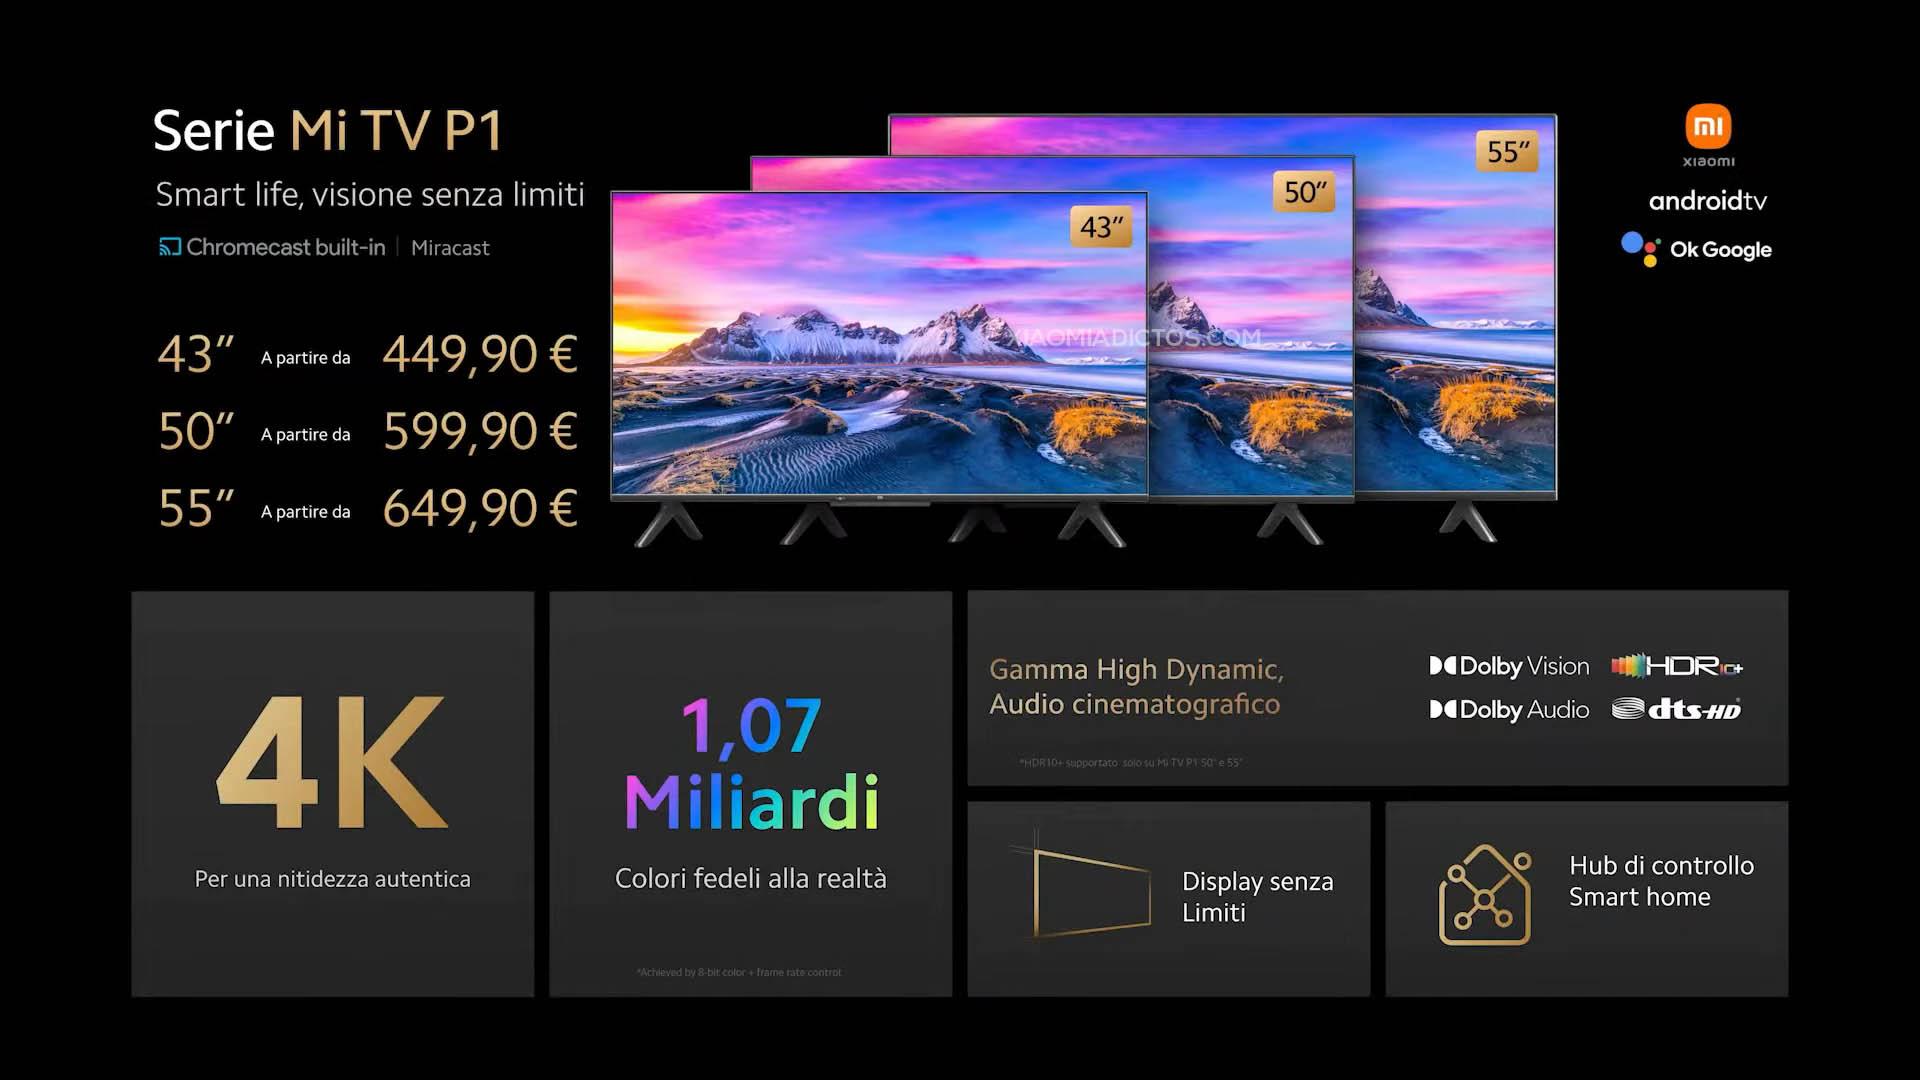 Los nuevos televisores Xiaomi Mi TV P1 llegan a Europa desde solo 279 euros. Noticias Xiaomi Adictos